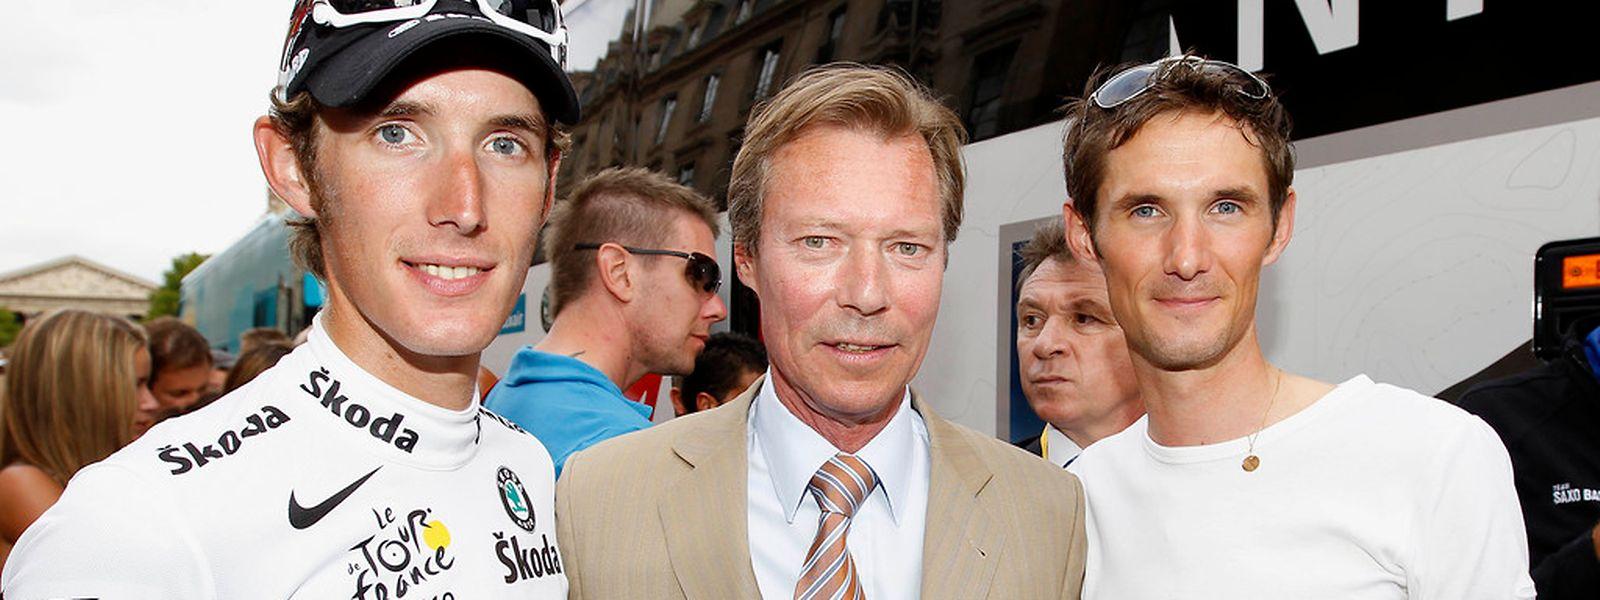 Le Grand-Duc est un grand fervent amateur de sport. Ici il se trouve en compagnie de Fränk et d'Andy Schleck